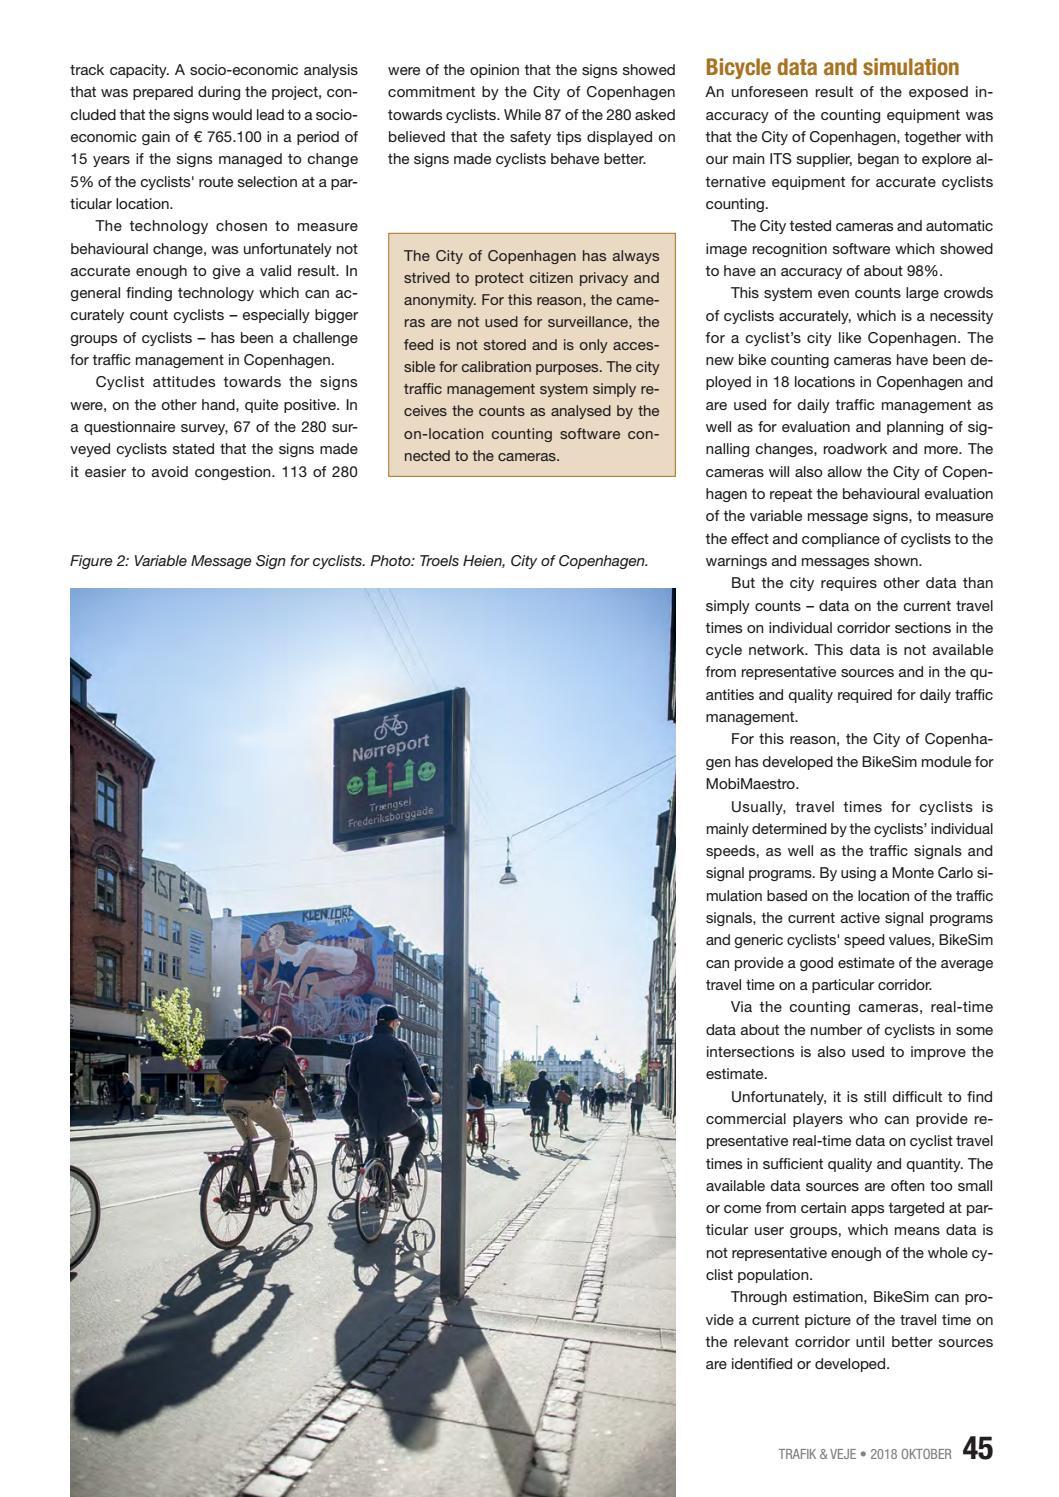 Trafik&Veje oktober 2018 by Trafik&Veje - issuu